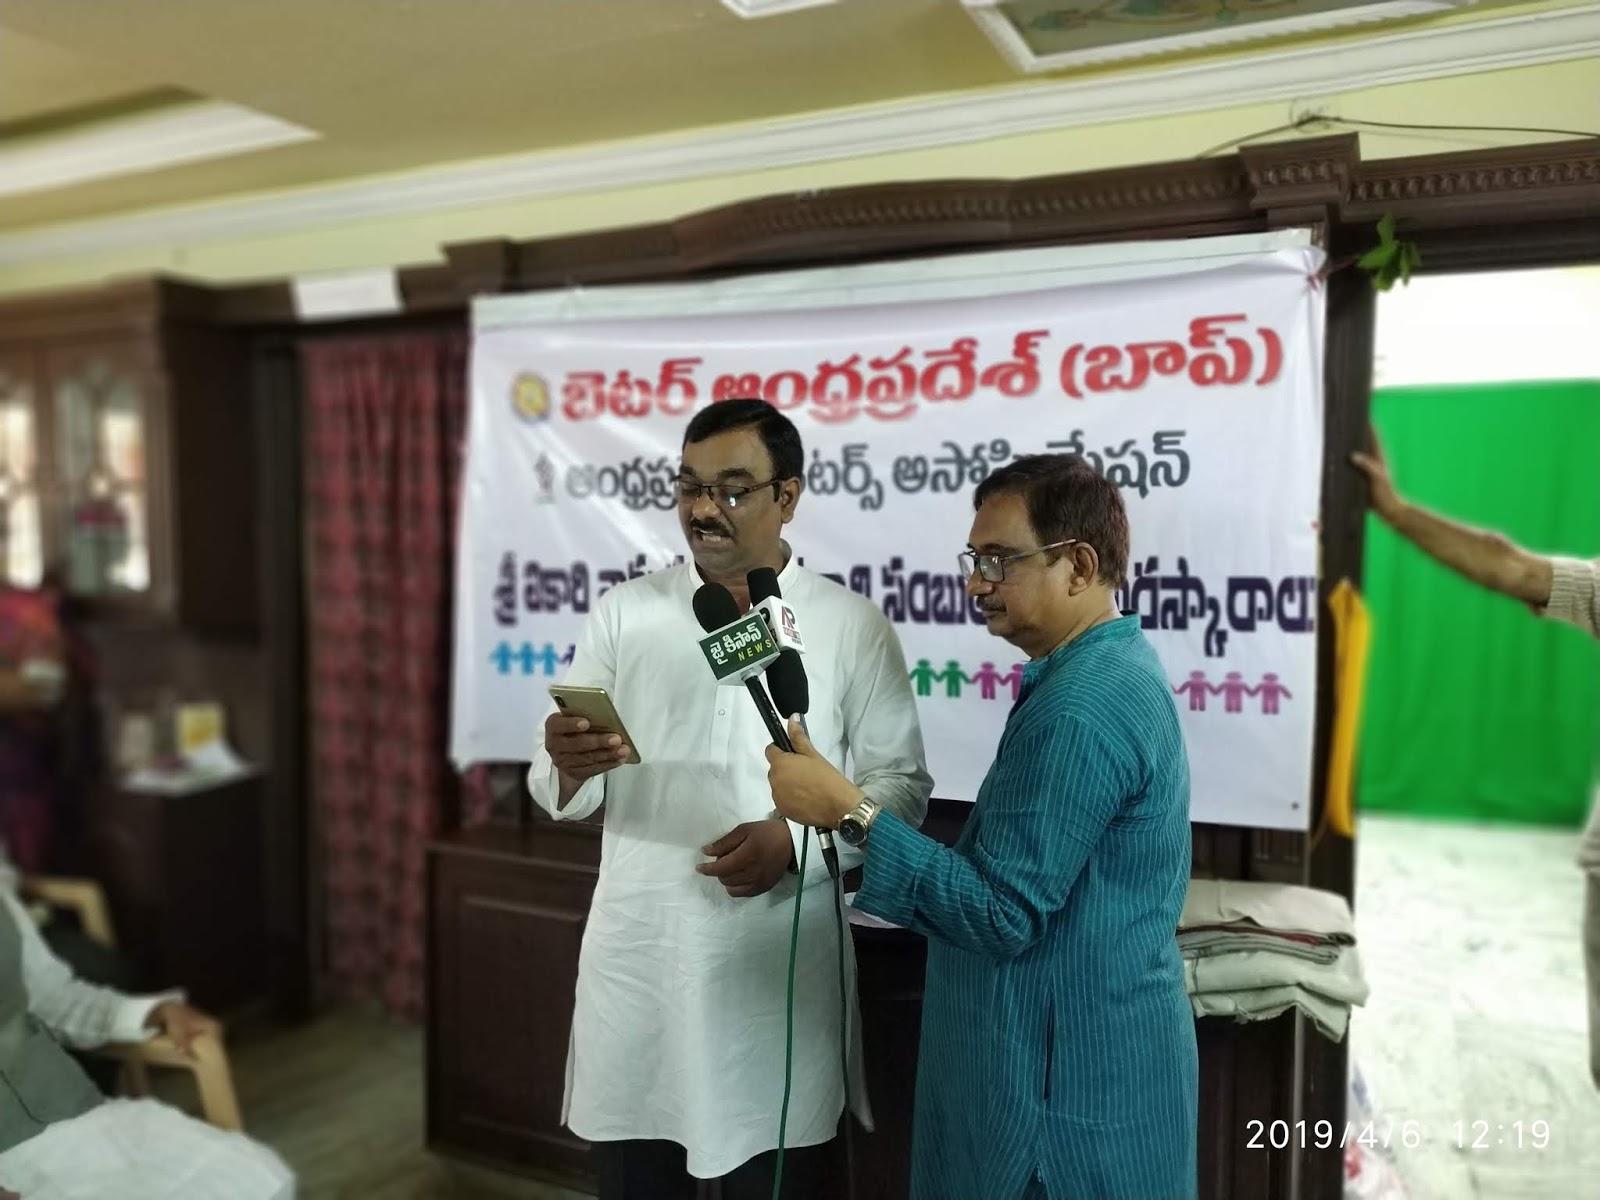 poolabala blogspot com: French poem on Ugadi day in Vijayawada